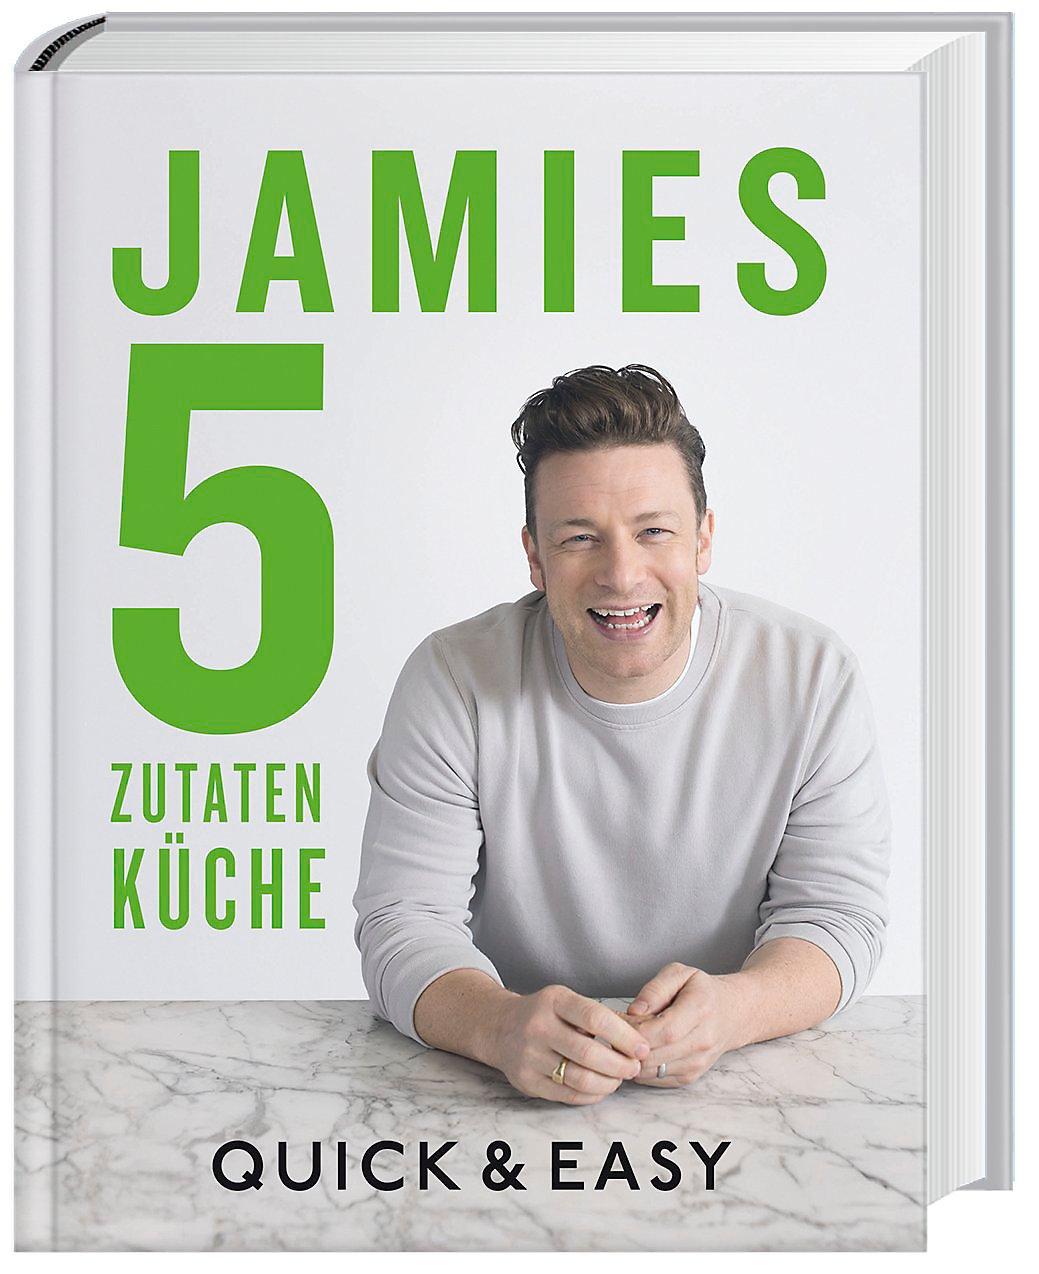 Jamies 5-Zutaten-Küche Buch von Jamie Oliver ...